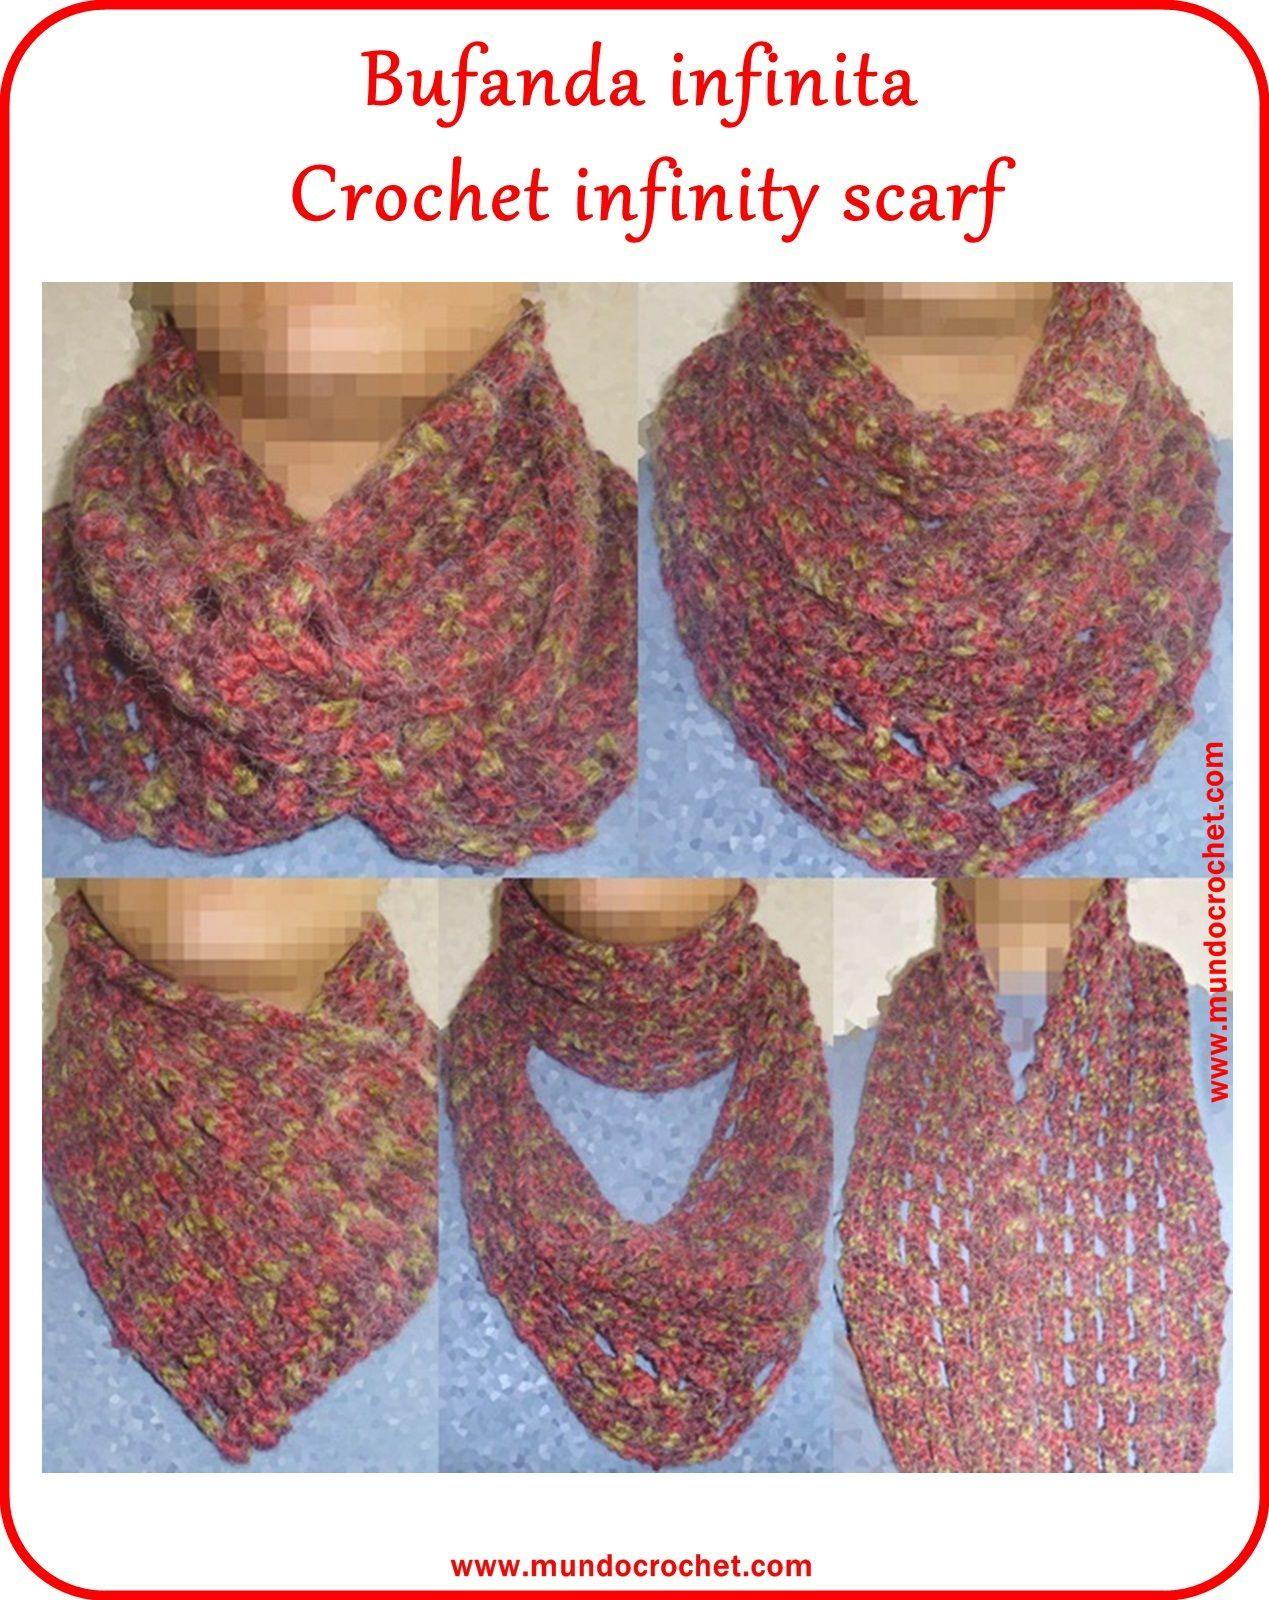 Bufanda infinita en crochet - Crochet infinity scarf | crochet ...